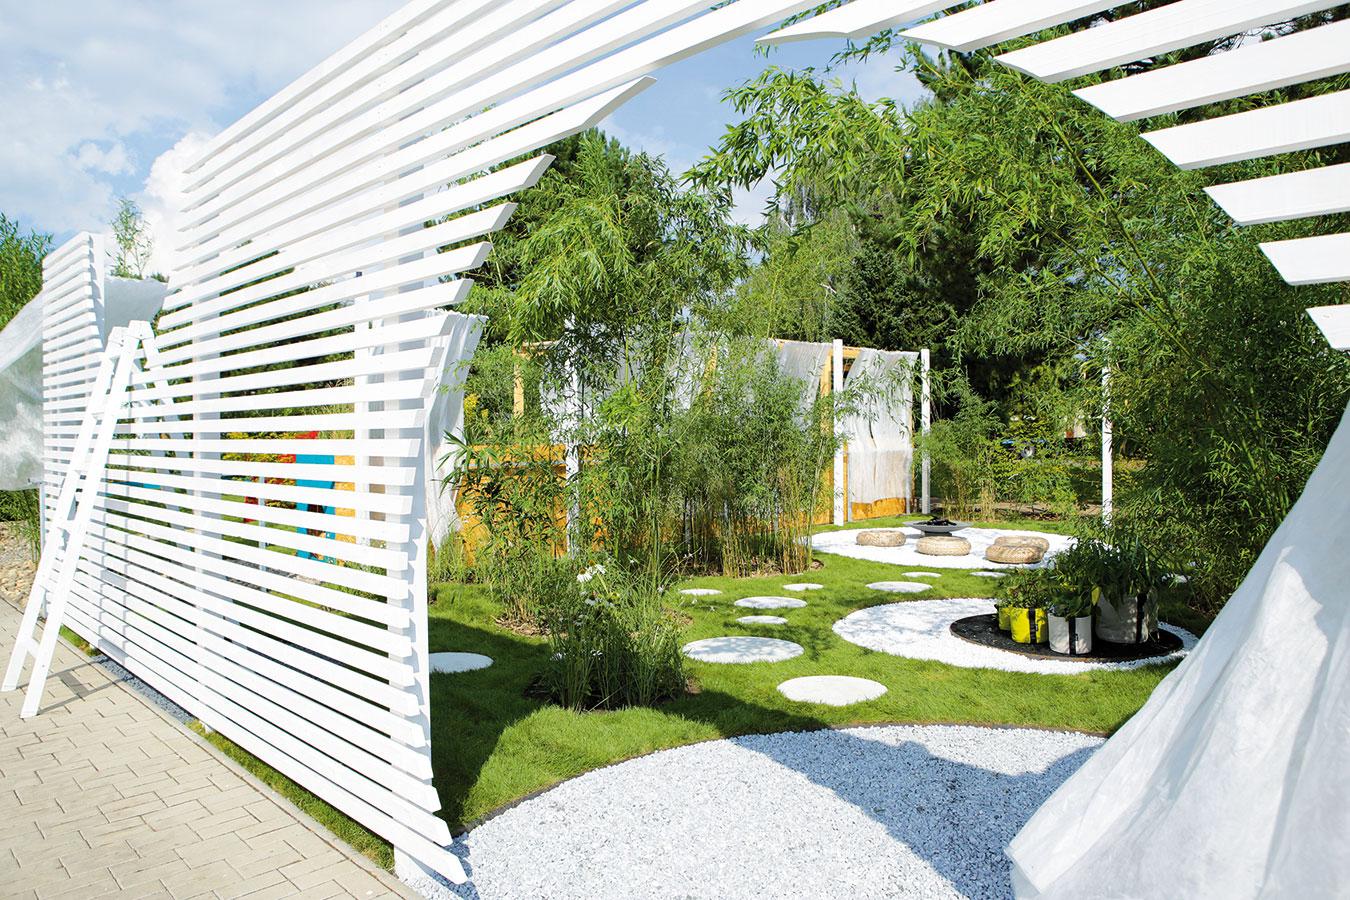 Díra v plotě. Taková díra nemusí být vždy nutně na škodu. V tomto případě se za plotem skrývá univerzální zahrada od Jakuba Ciglera, která se mění v čase i prostoru. Užitková část je součástí okrasné zahrady.